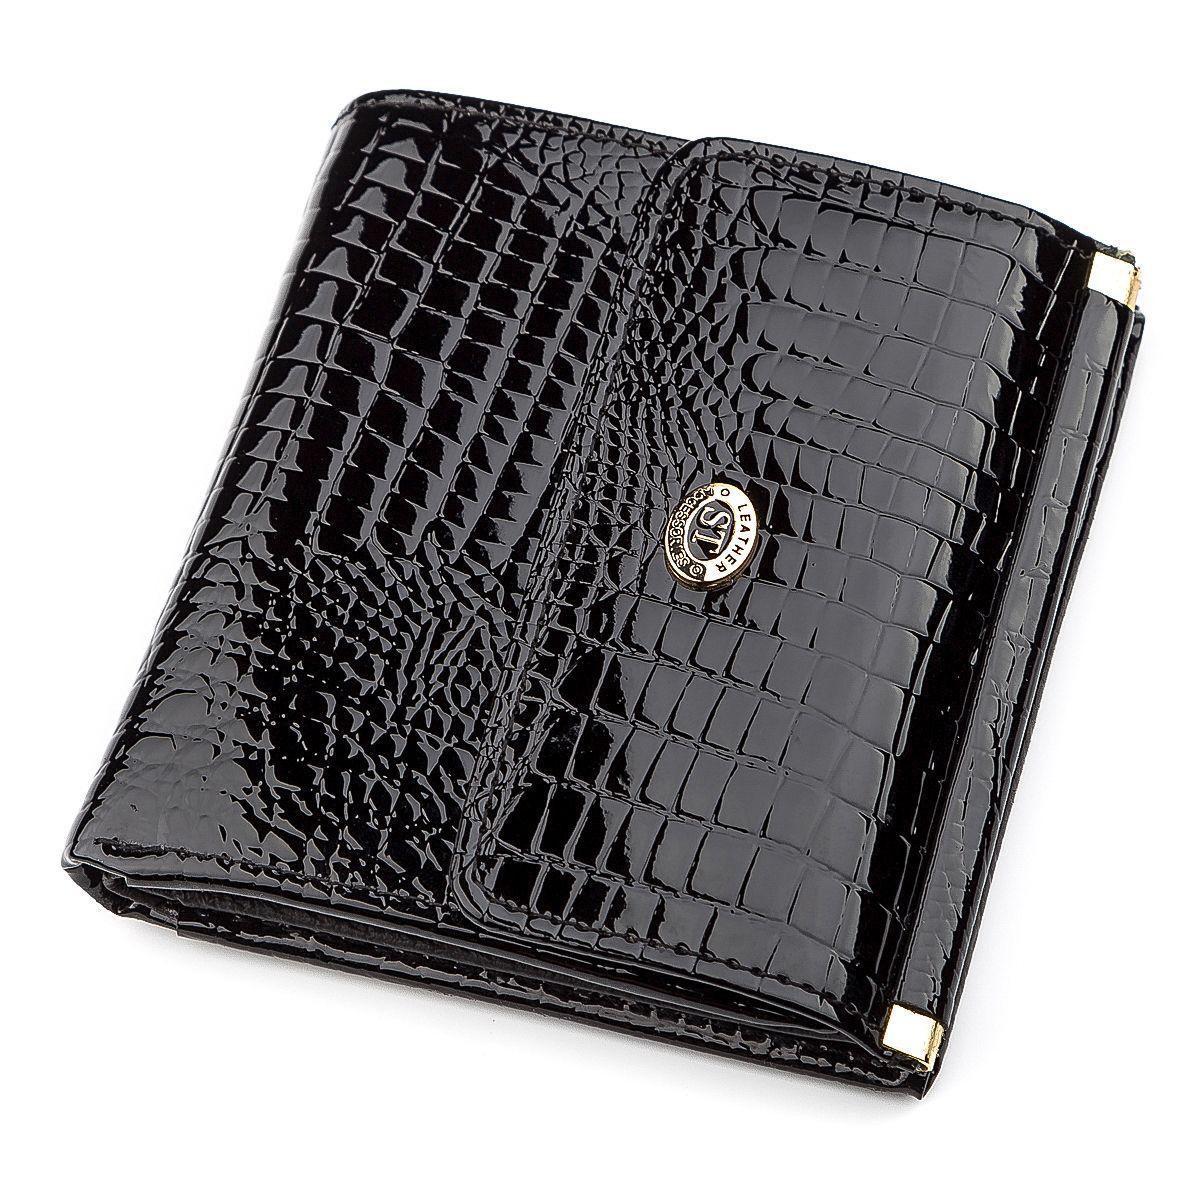 Кошелек женский ST Leather 18357 (S1101A) компактный Черный, Черный